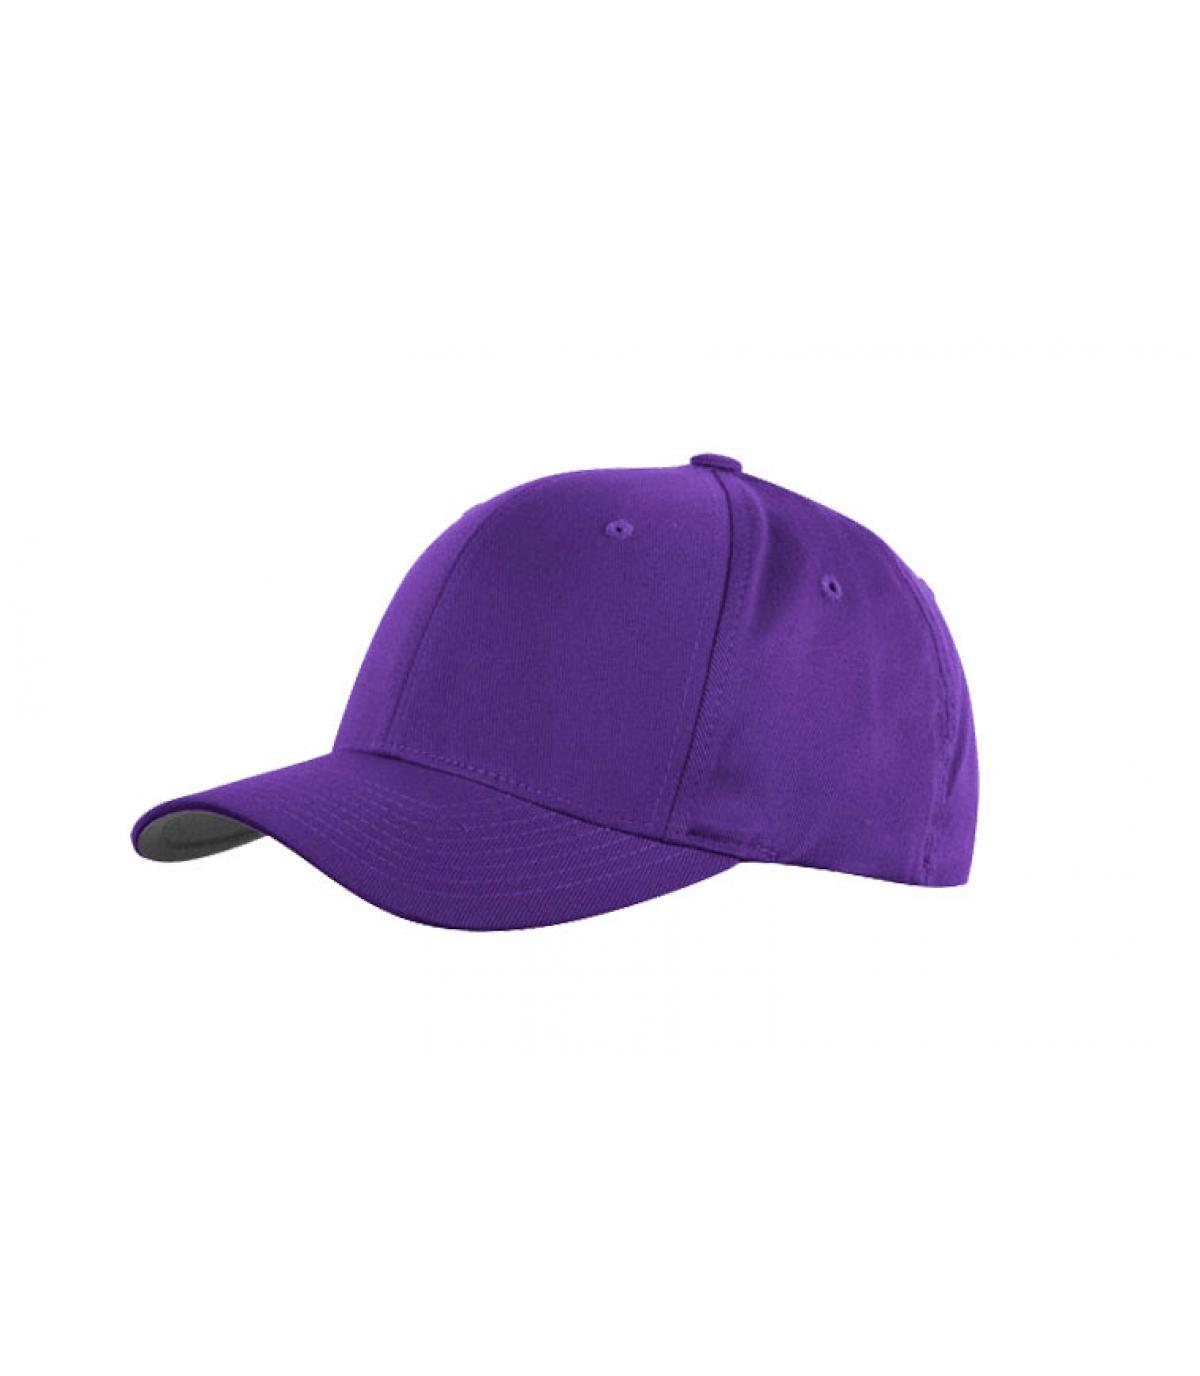 Détails Casquette violette flexfit - image 1